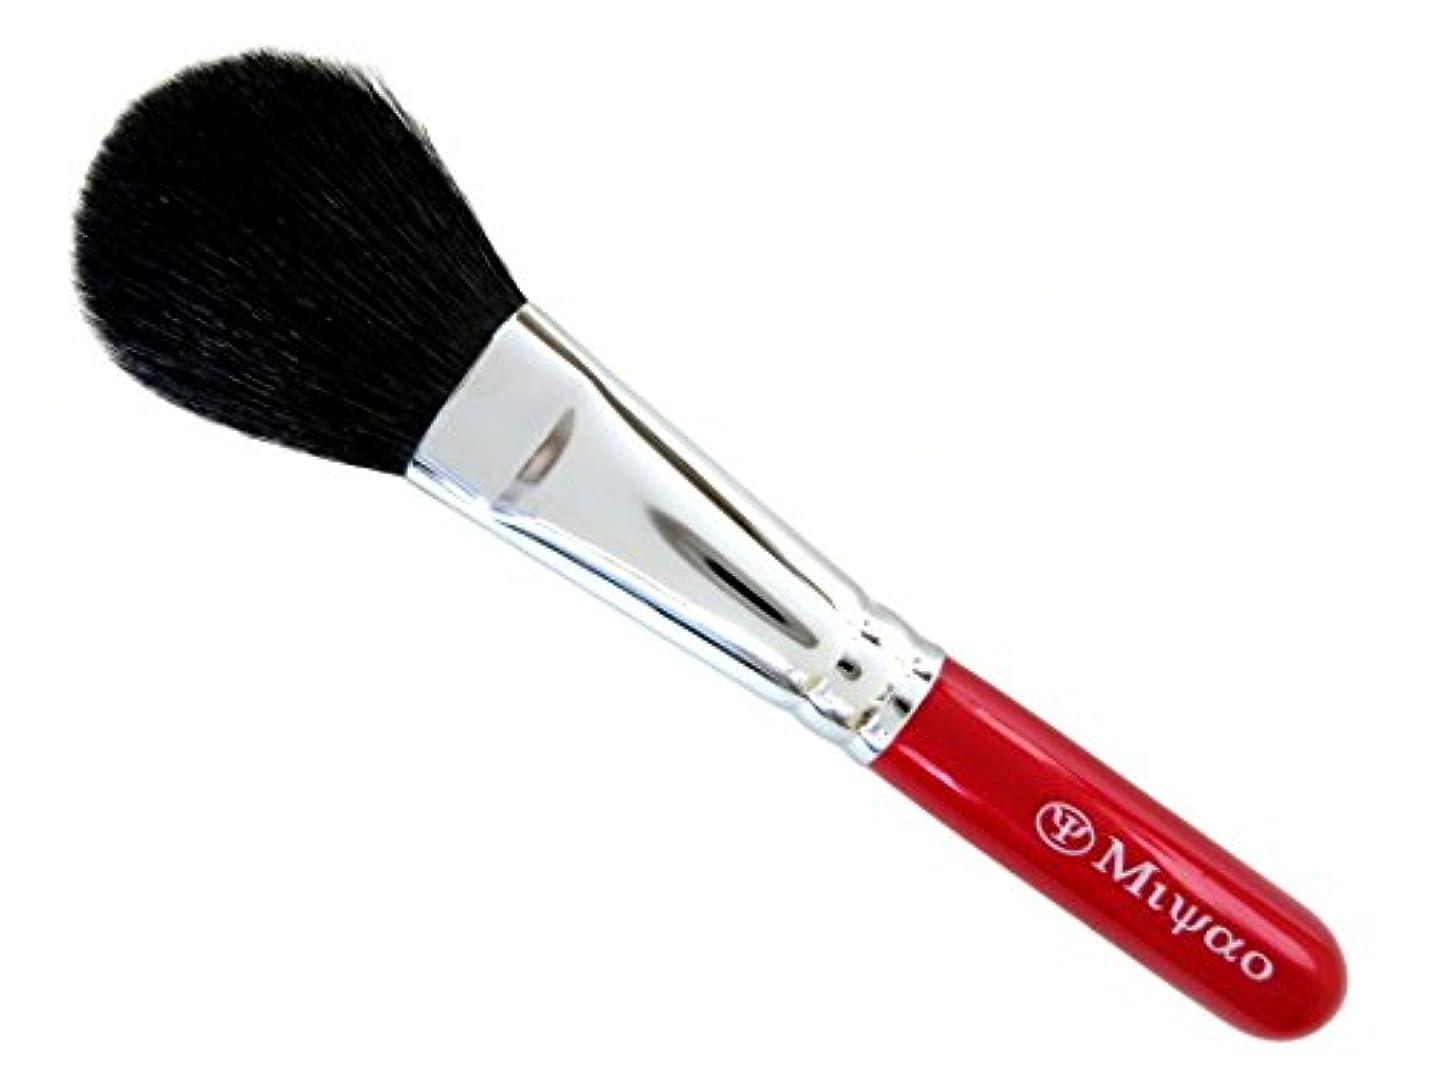 洞察力議題後悔メイクブラシ MRシリーズ-9-1 チークブラシ 高級山羊毛 熊野筆 宮尾産業化粧筆